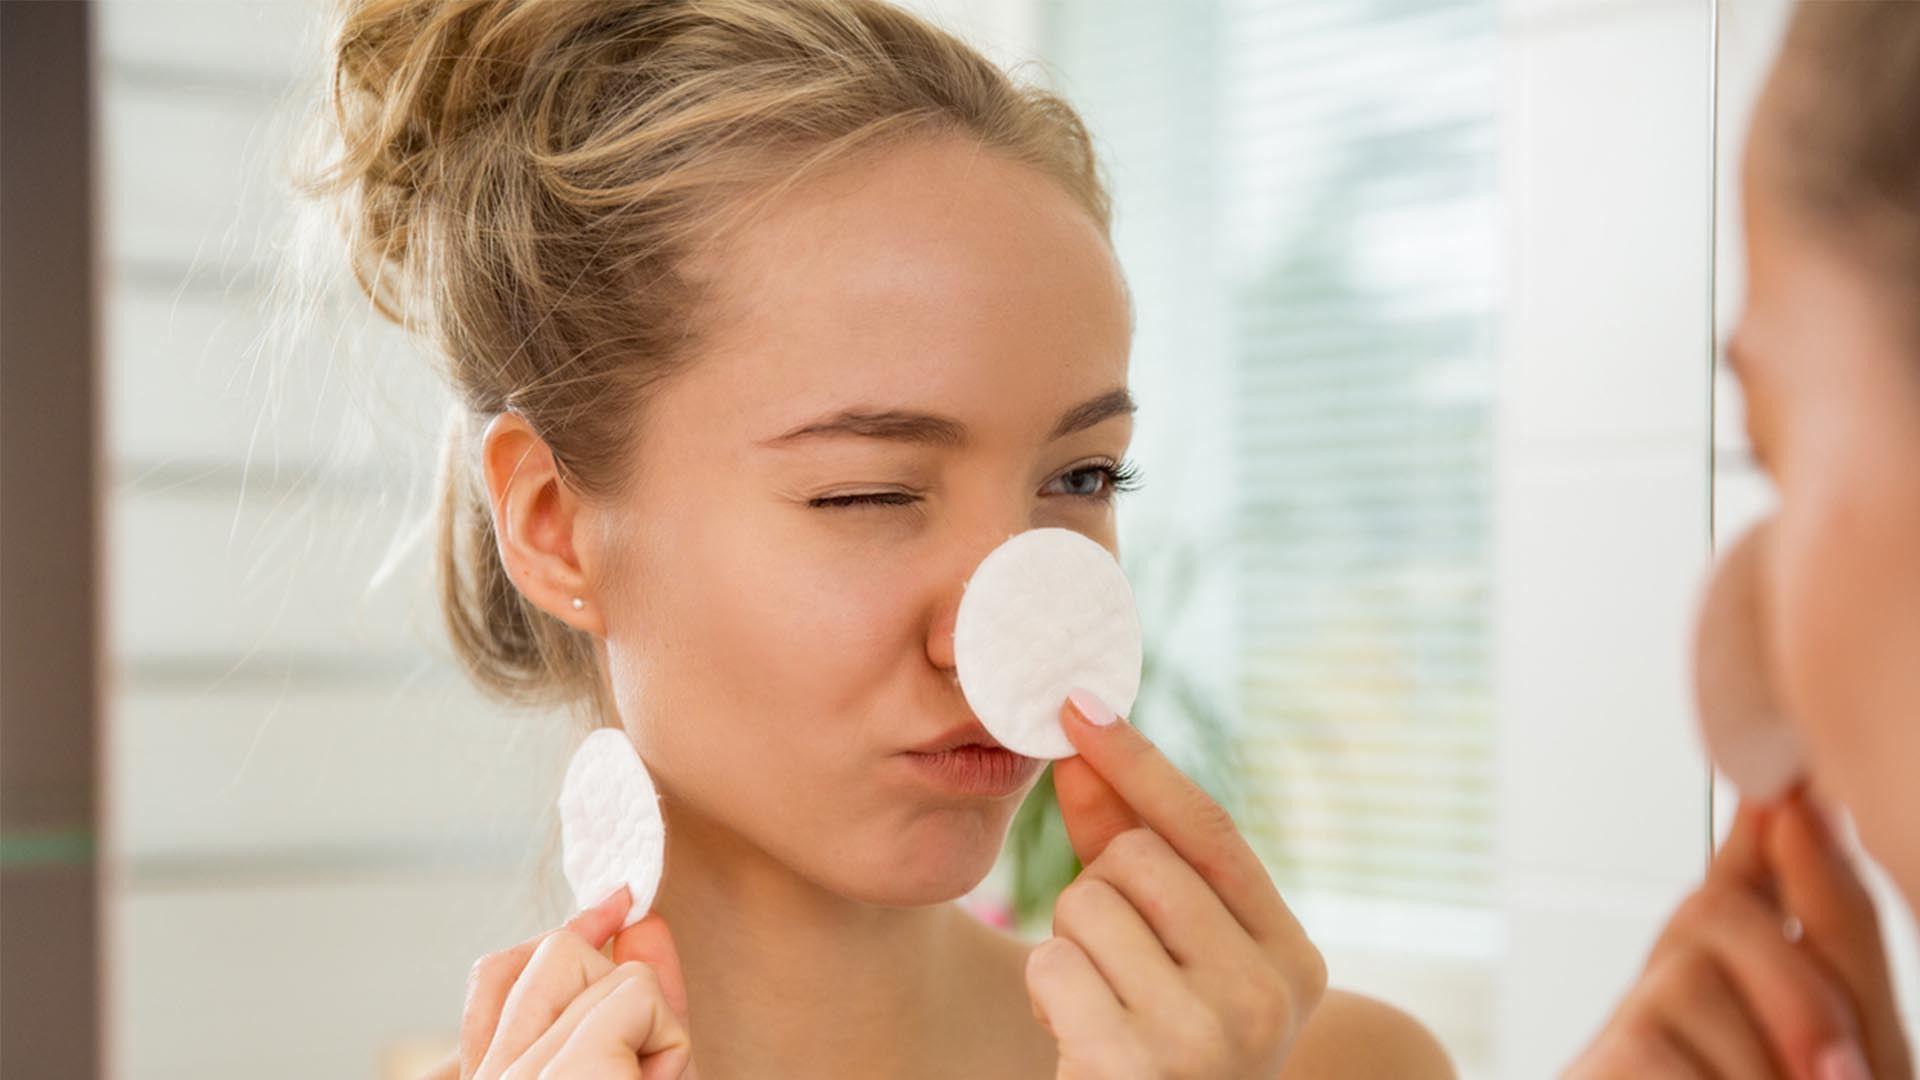 Bij een mooi gebit past een gezonde huid